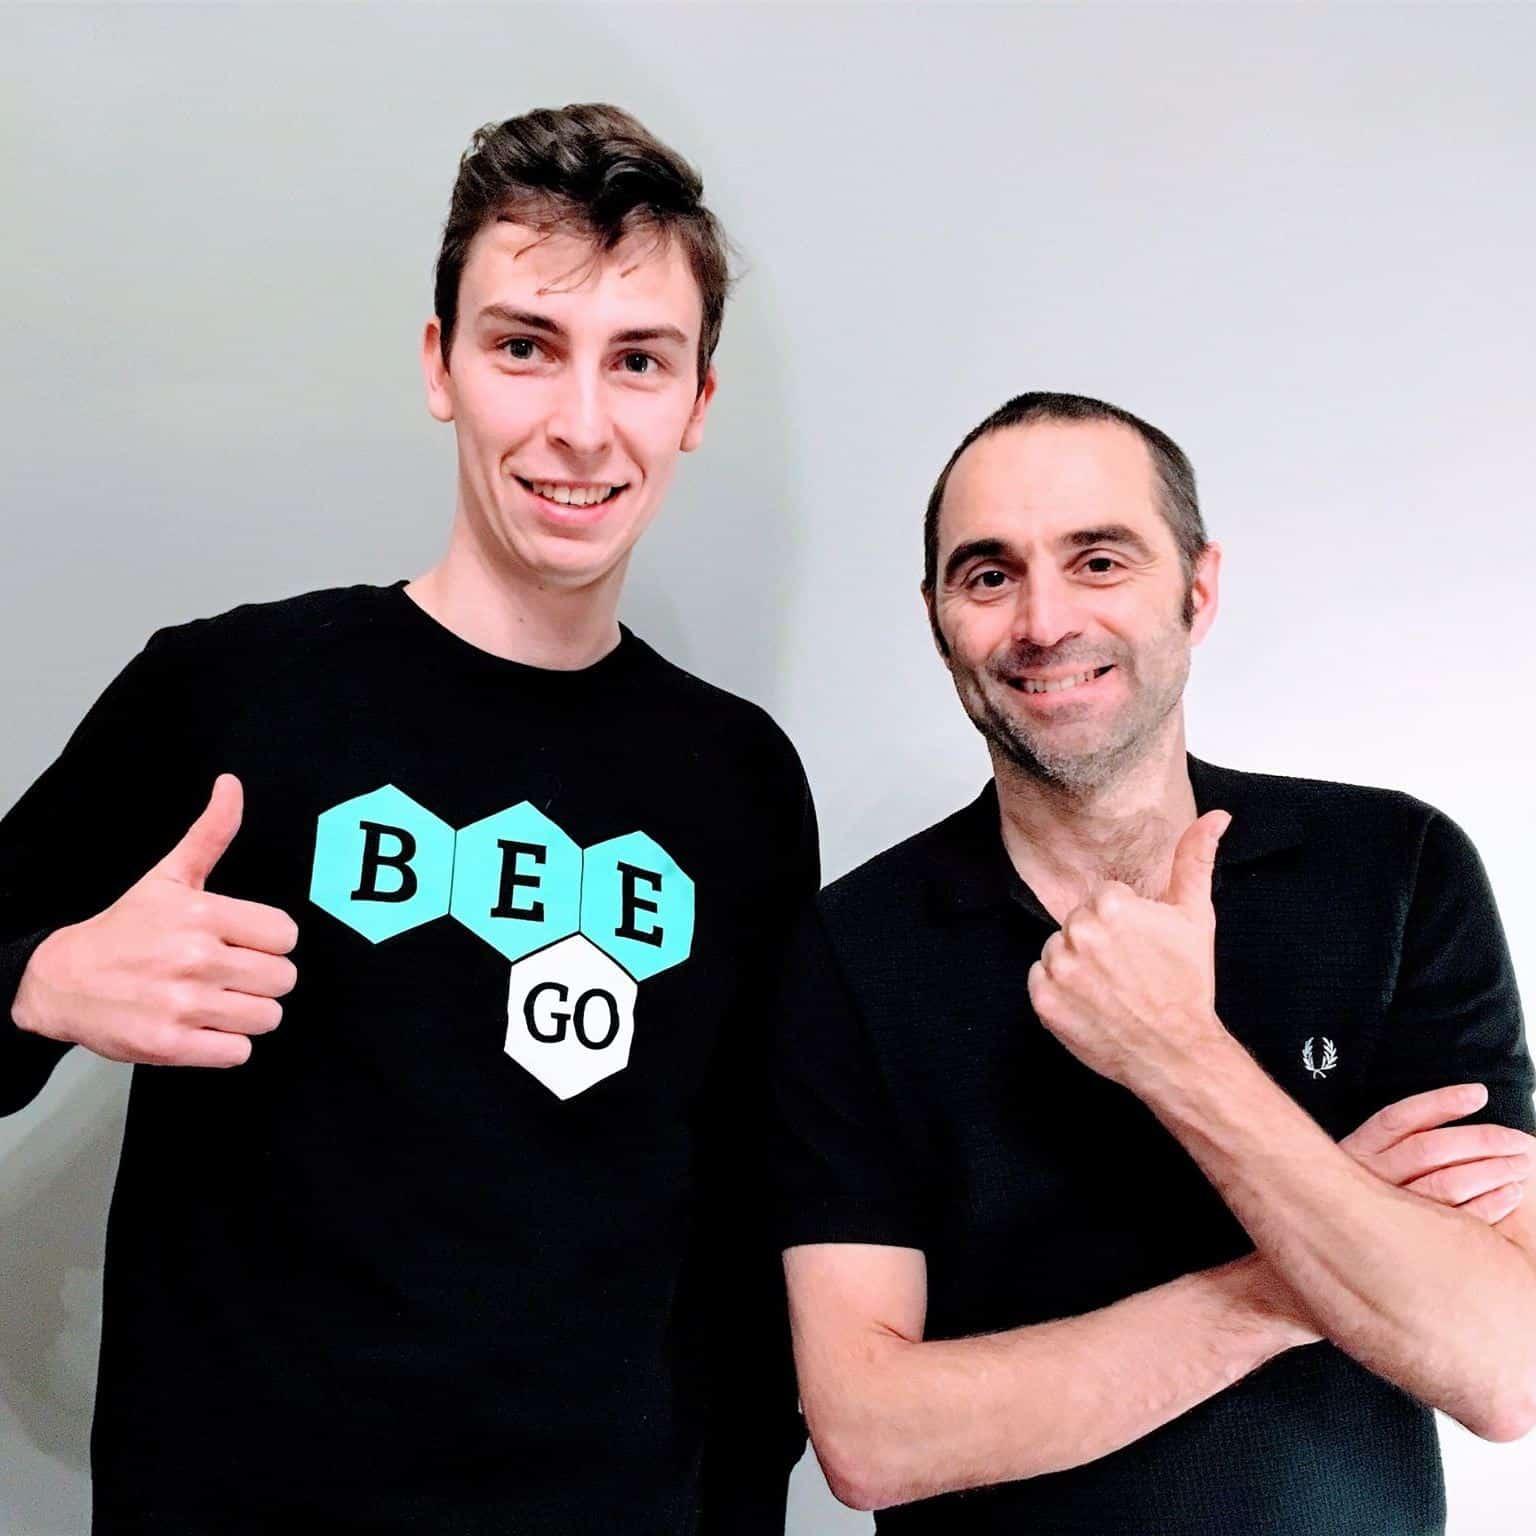 BEEGO student met Michael Pas